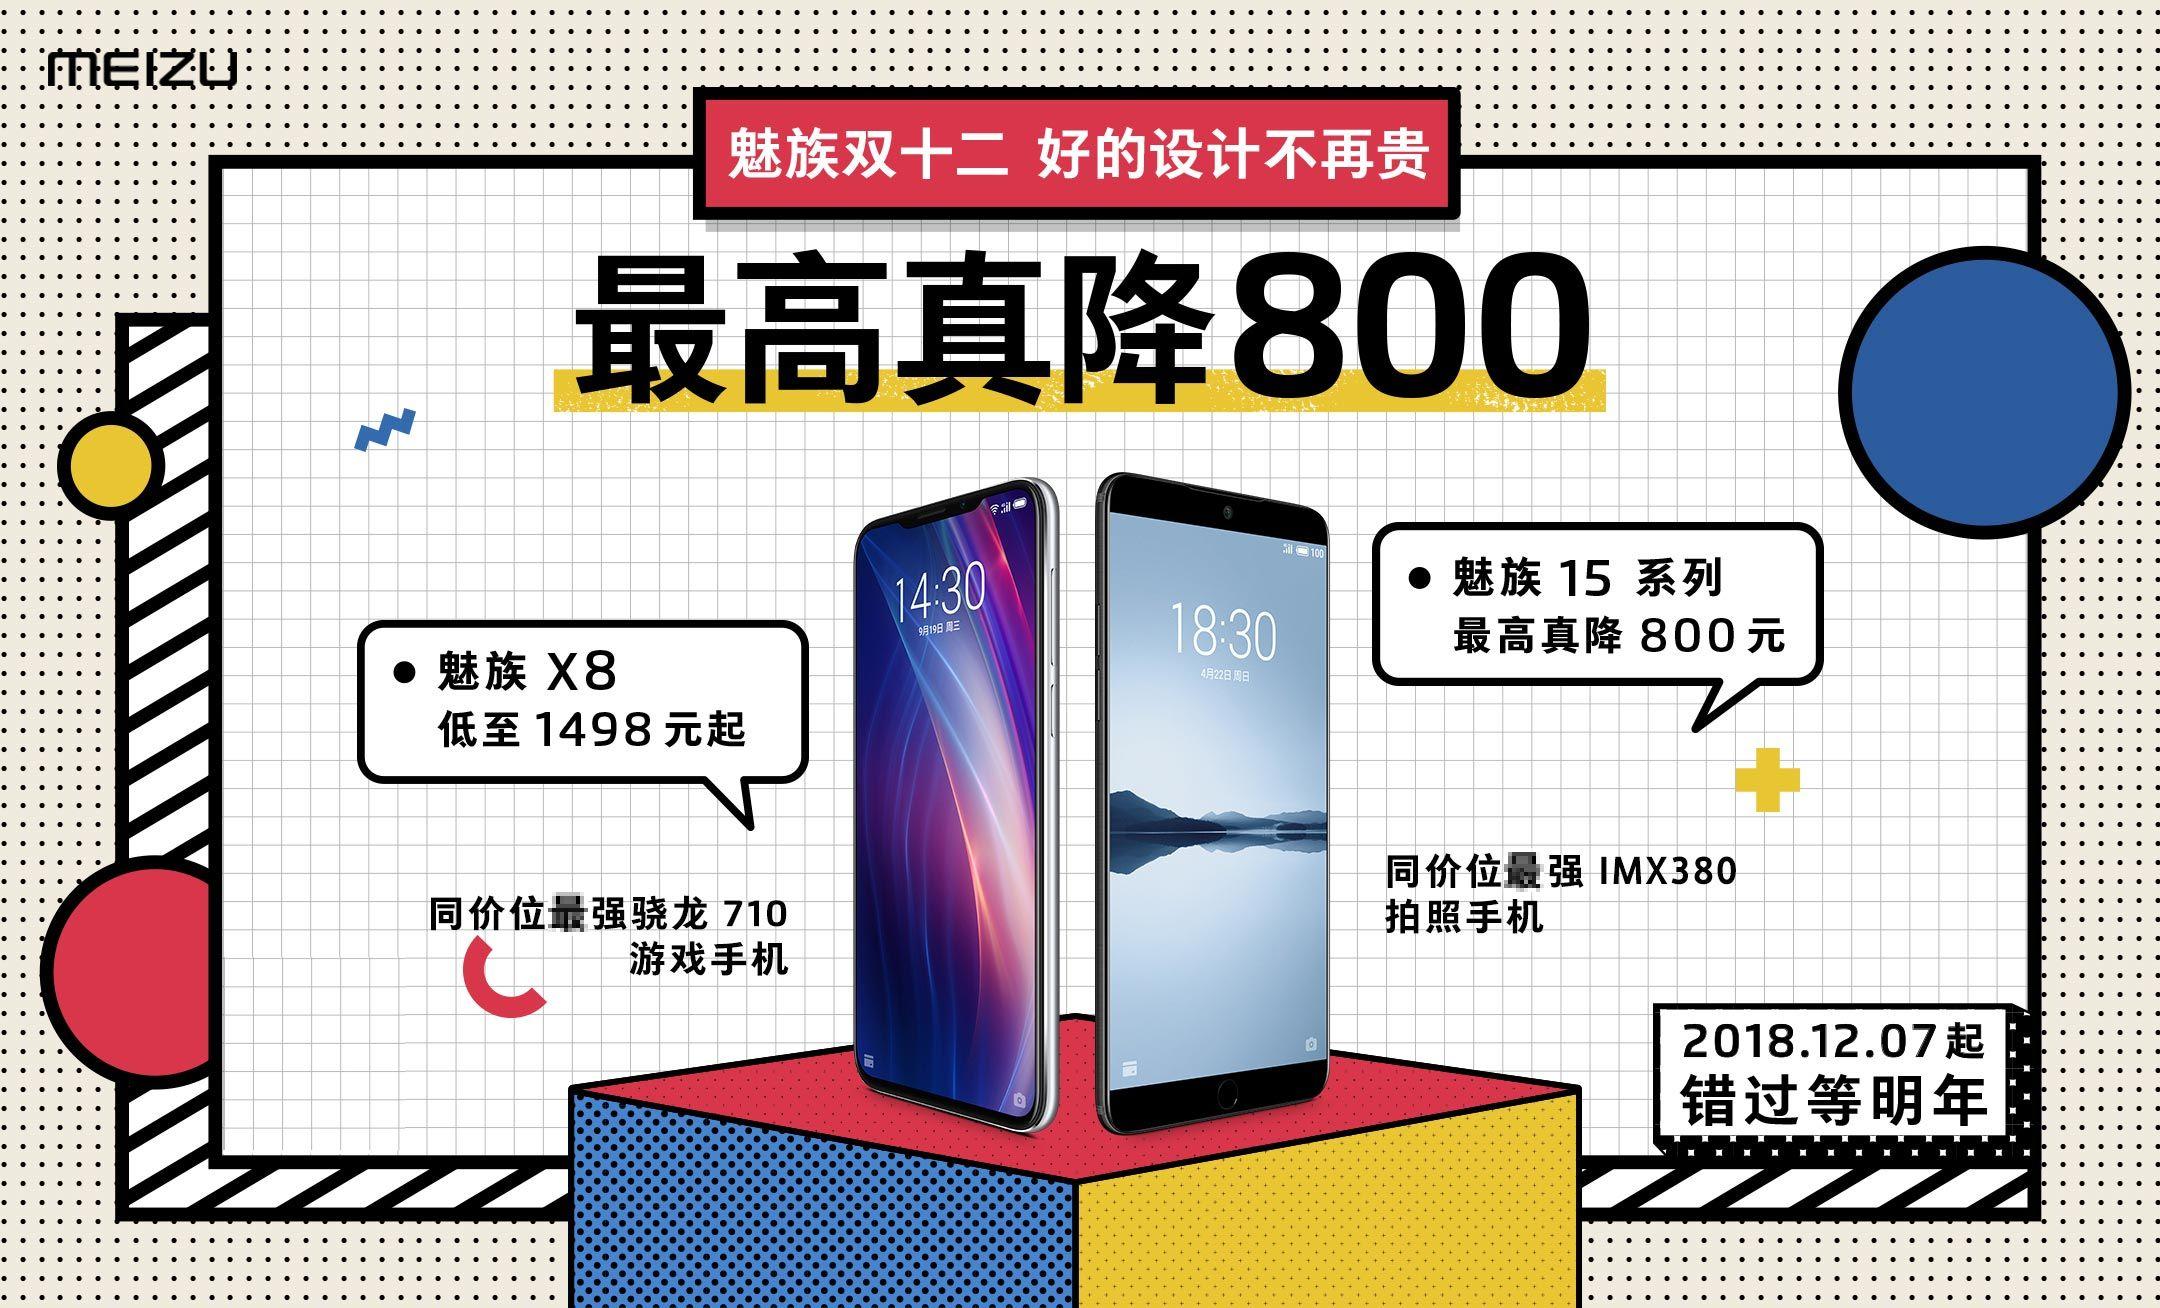 Meizu 15シリーズ、Meizu X8を12月7日より値下げ。Meizu 15シリーズは最大800元(約13,000円)の値下げ